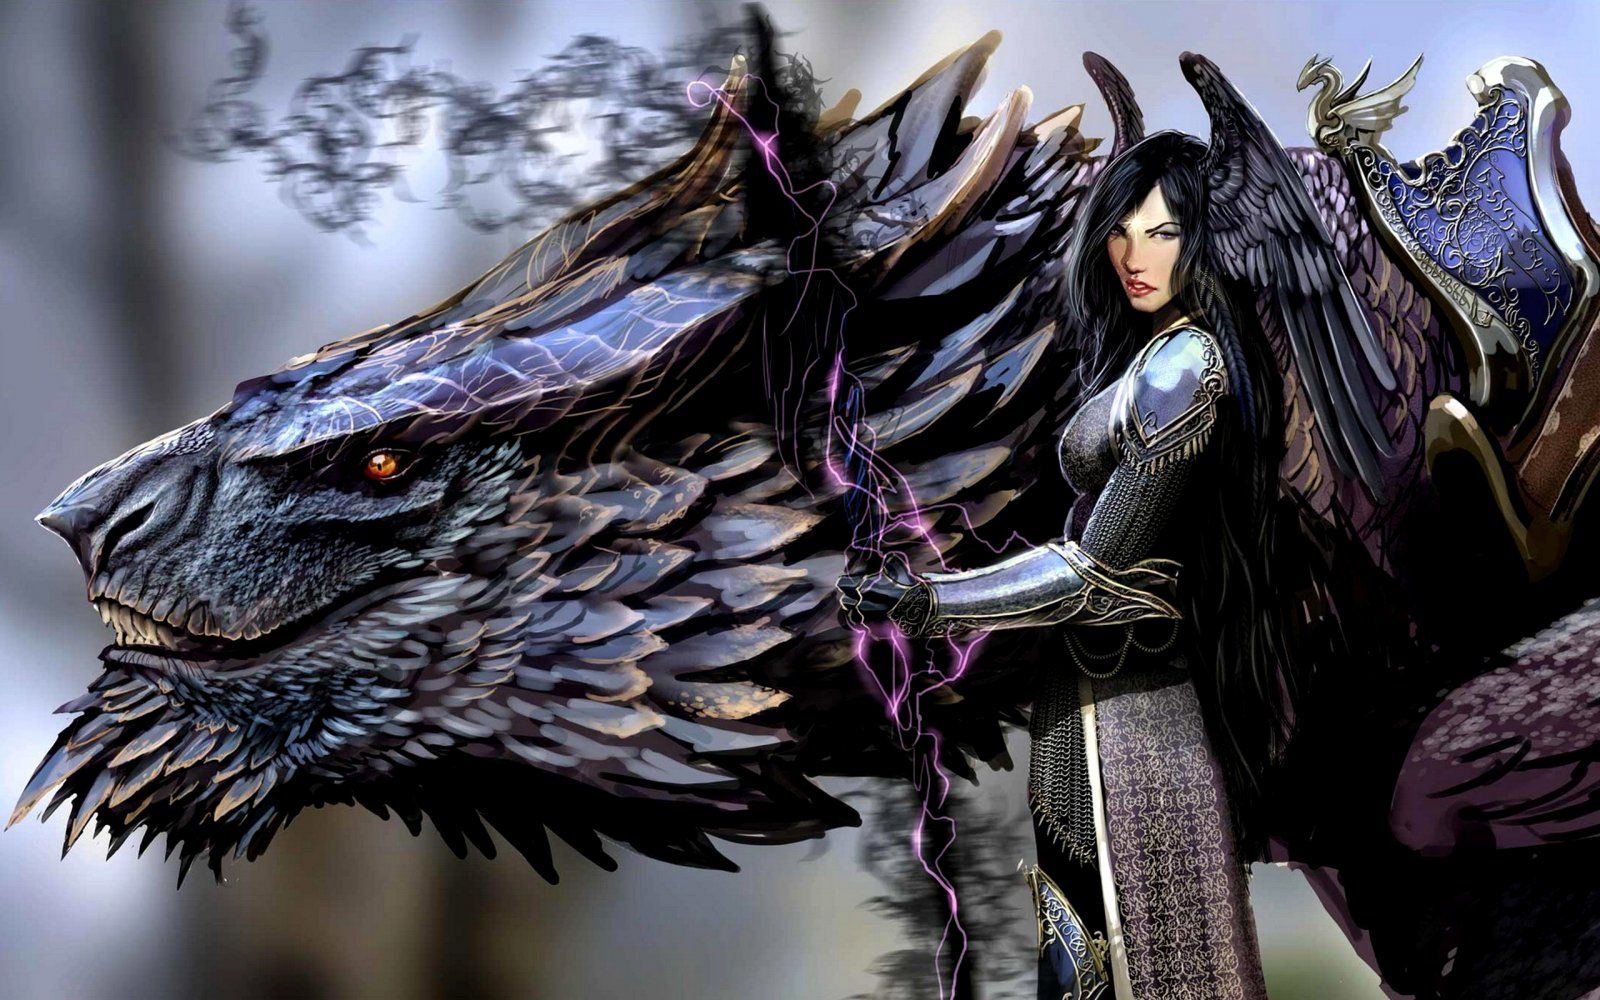 Un jinete siempre tiene que tener a su feroz dragón a su lado ...